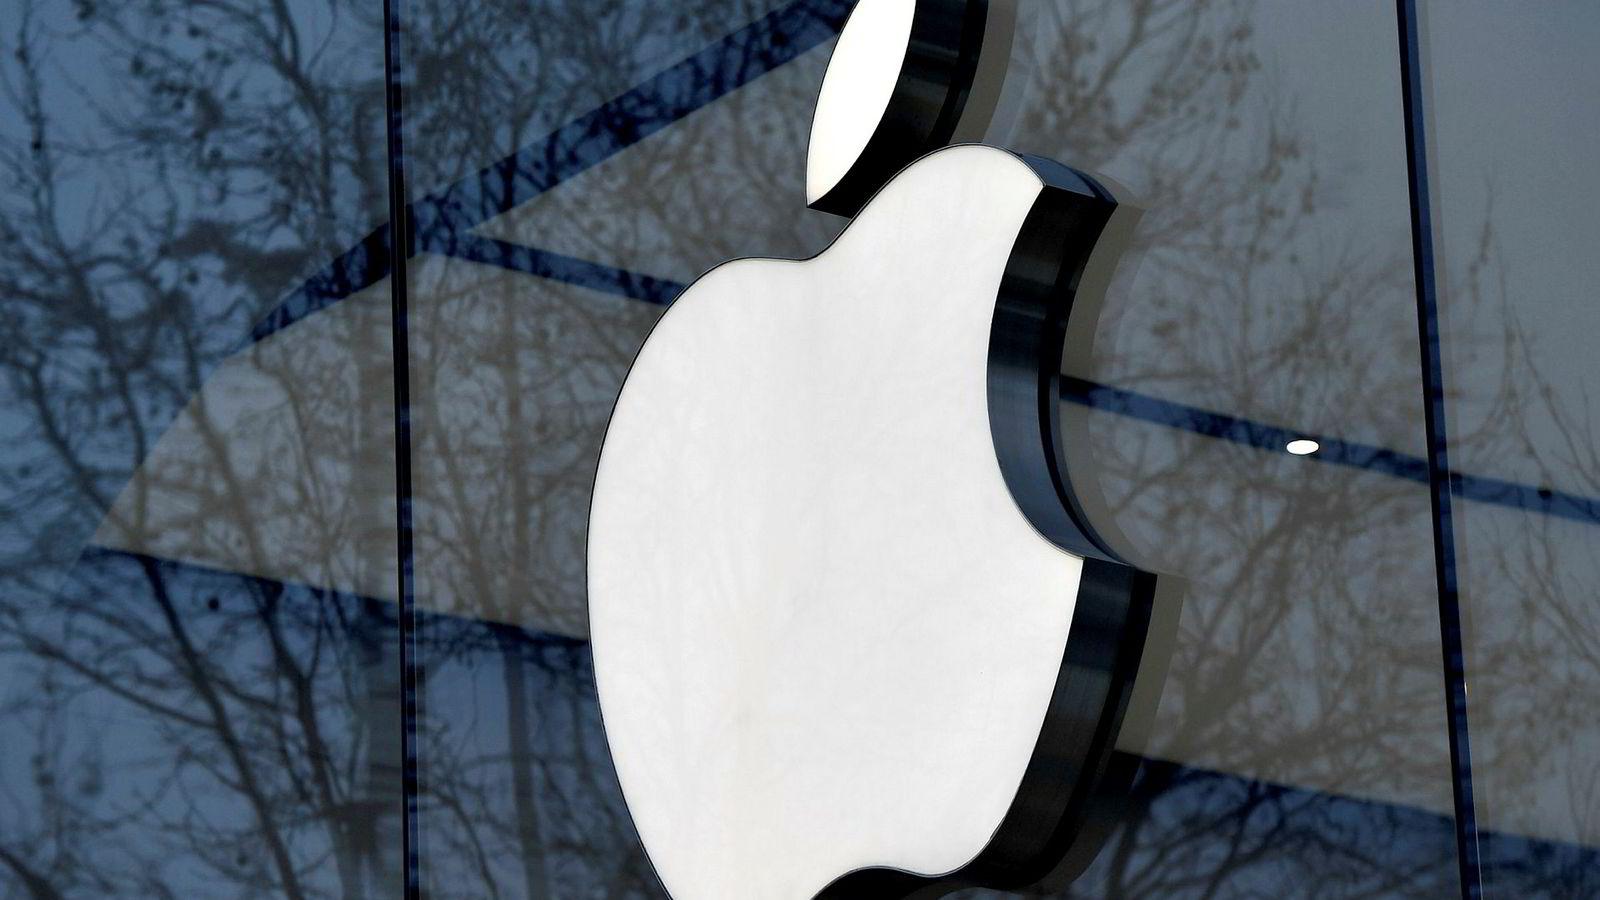 En tidligere ansatt hos det multinasjonale teknologiselskapet Apple ble 10. juli siktet for å ha stjålet konfidensiell informasjon om Apples prosjekt med selvkjørende biler. Det skal han ha gjort dager før han sluttet i jobben for å gå over til det kinesiske bilselskapet Xmotors.